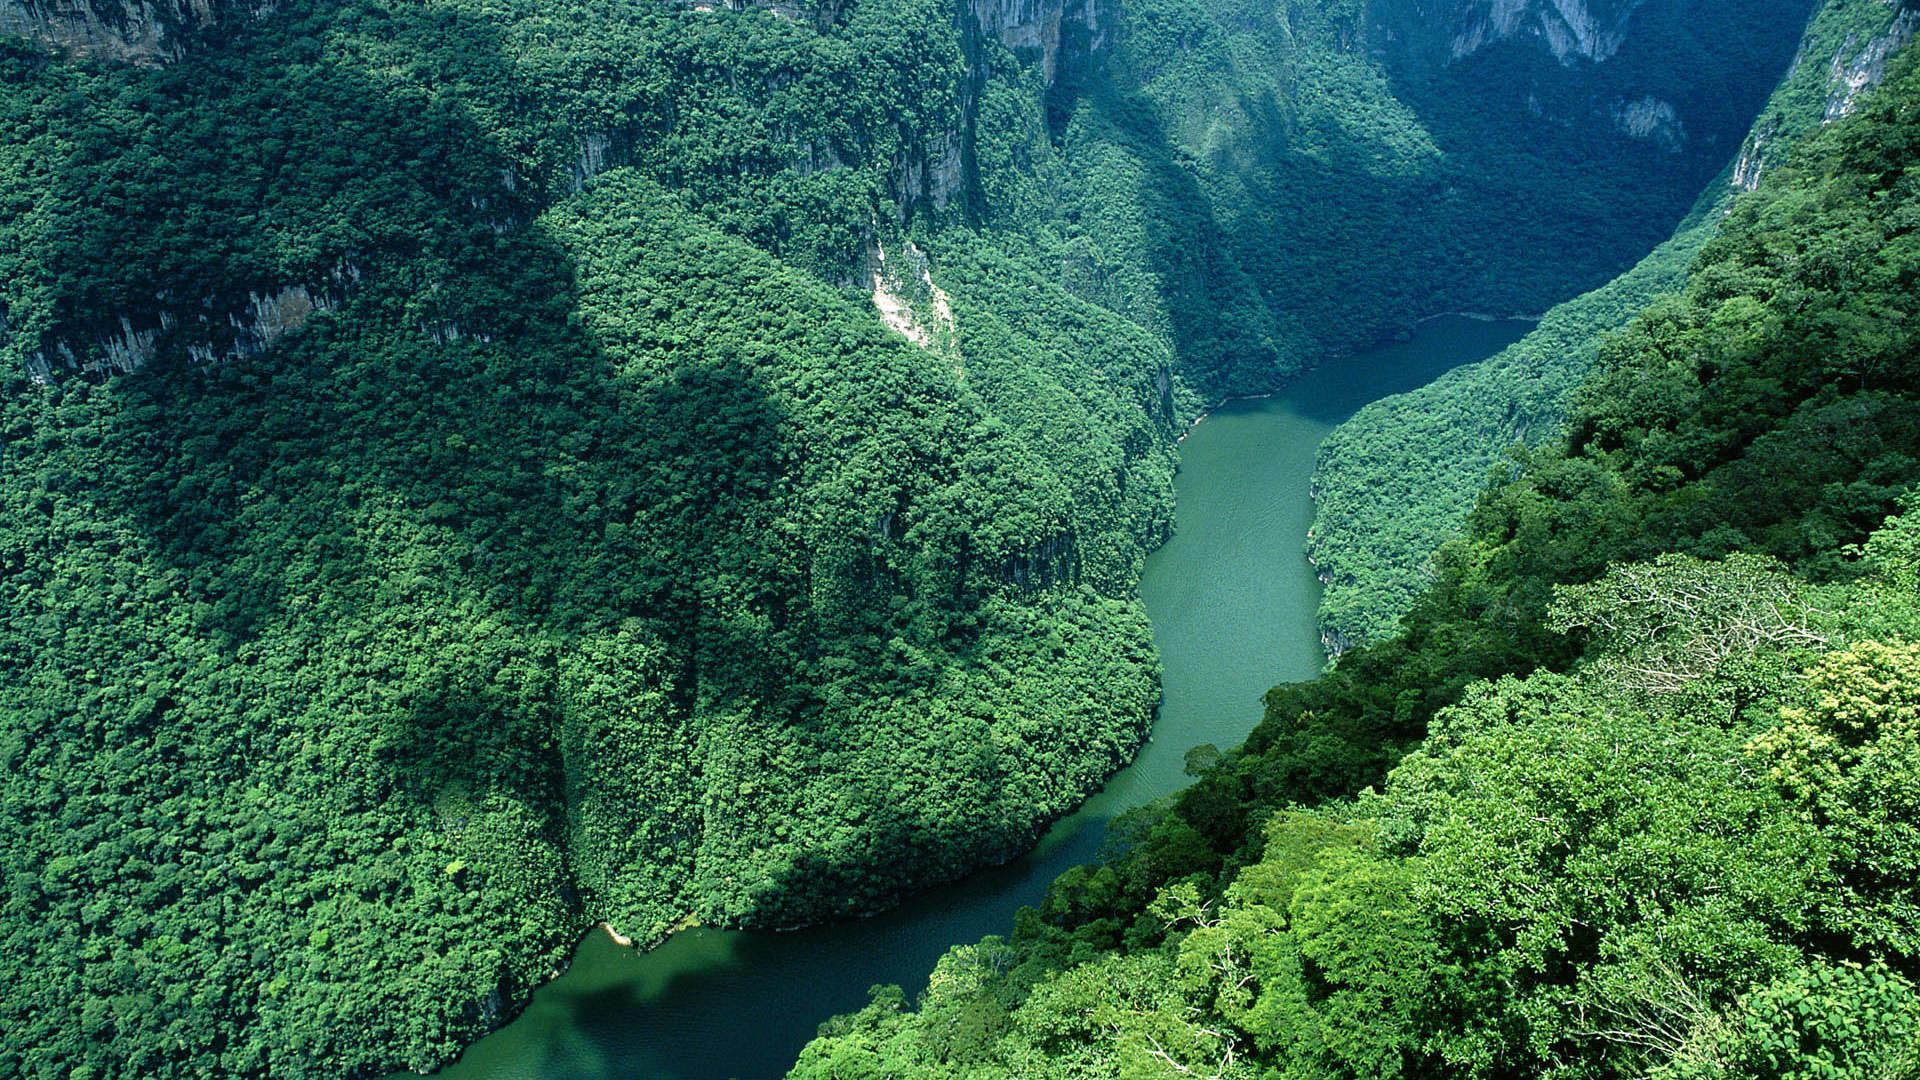 Леса Амазонии стали выделять больше углекислого газа, чем поглощать